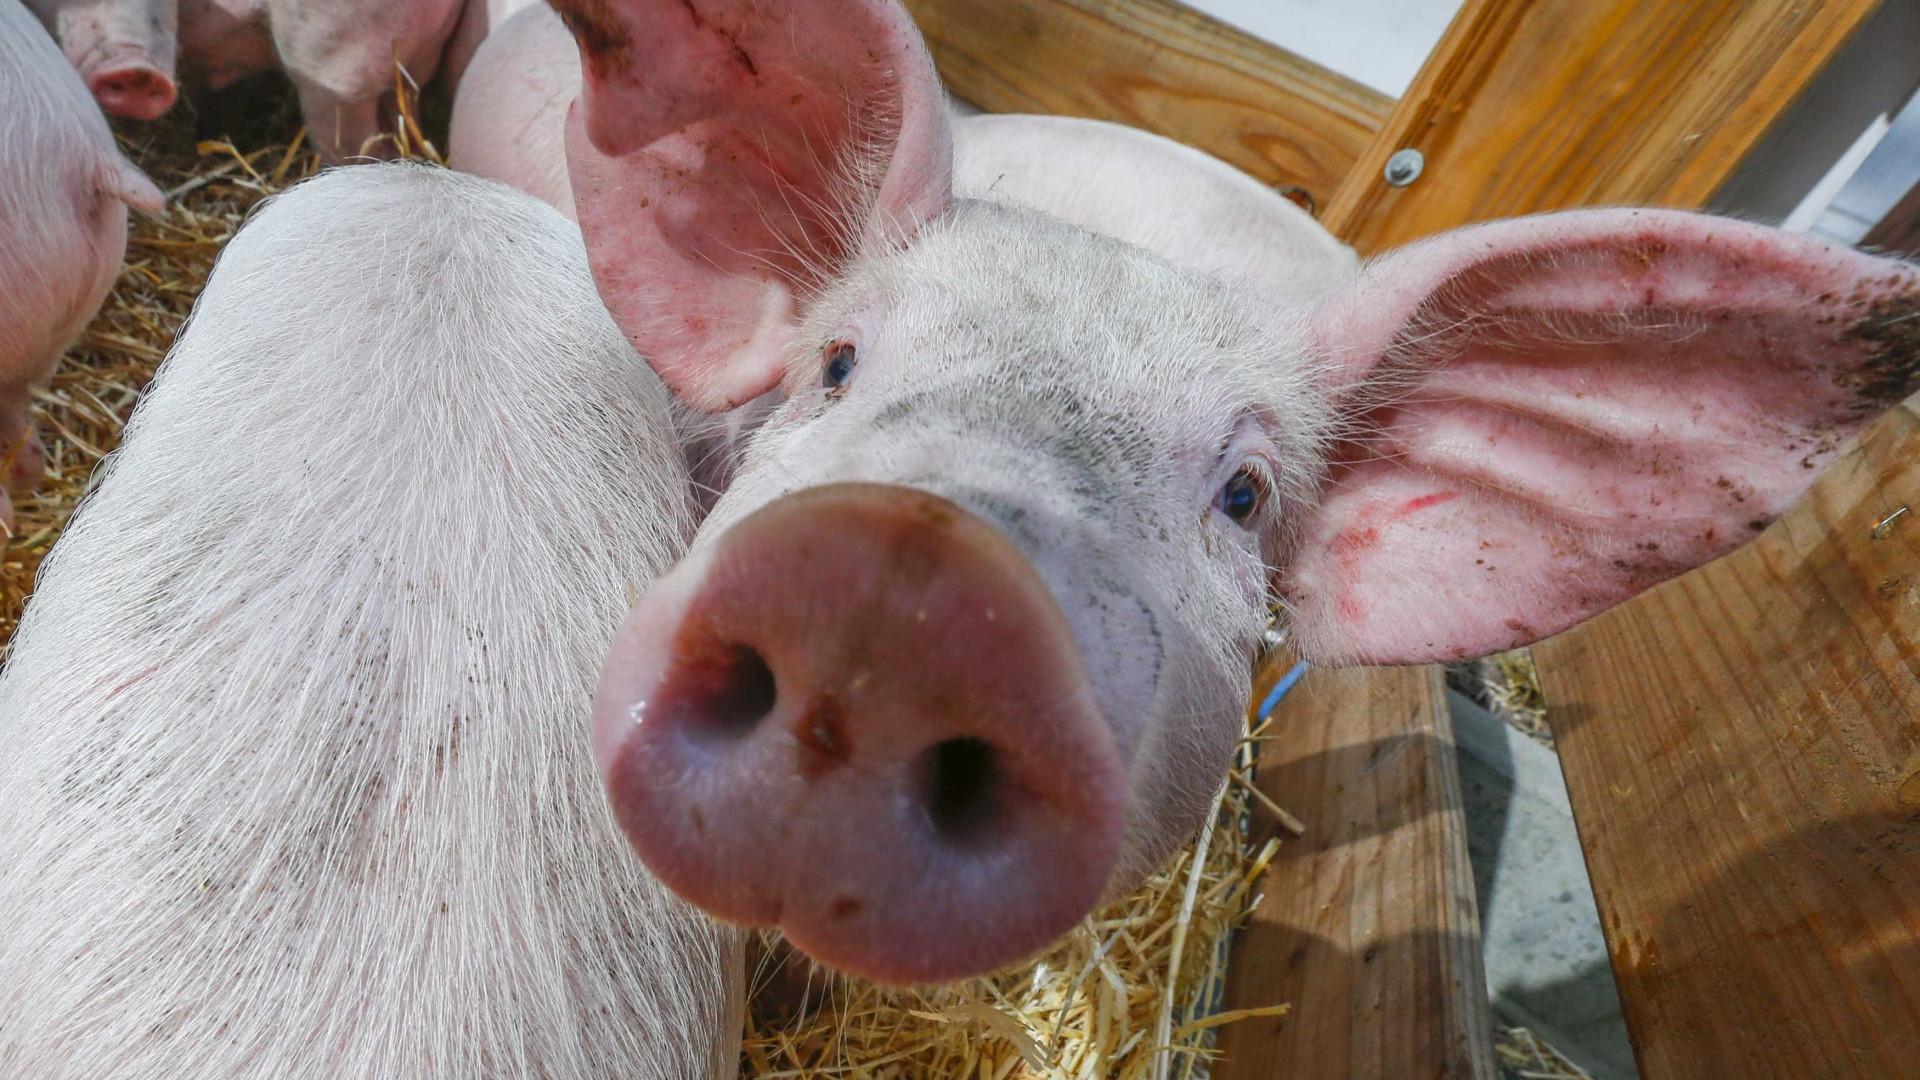 SABIA QUE os porcos são animais muito limpos?